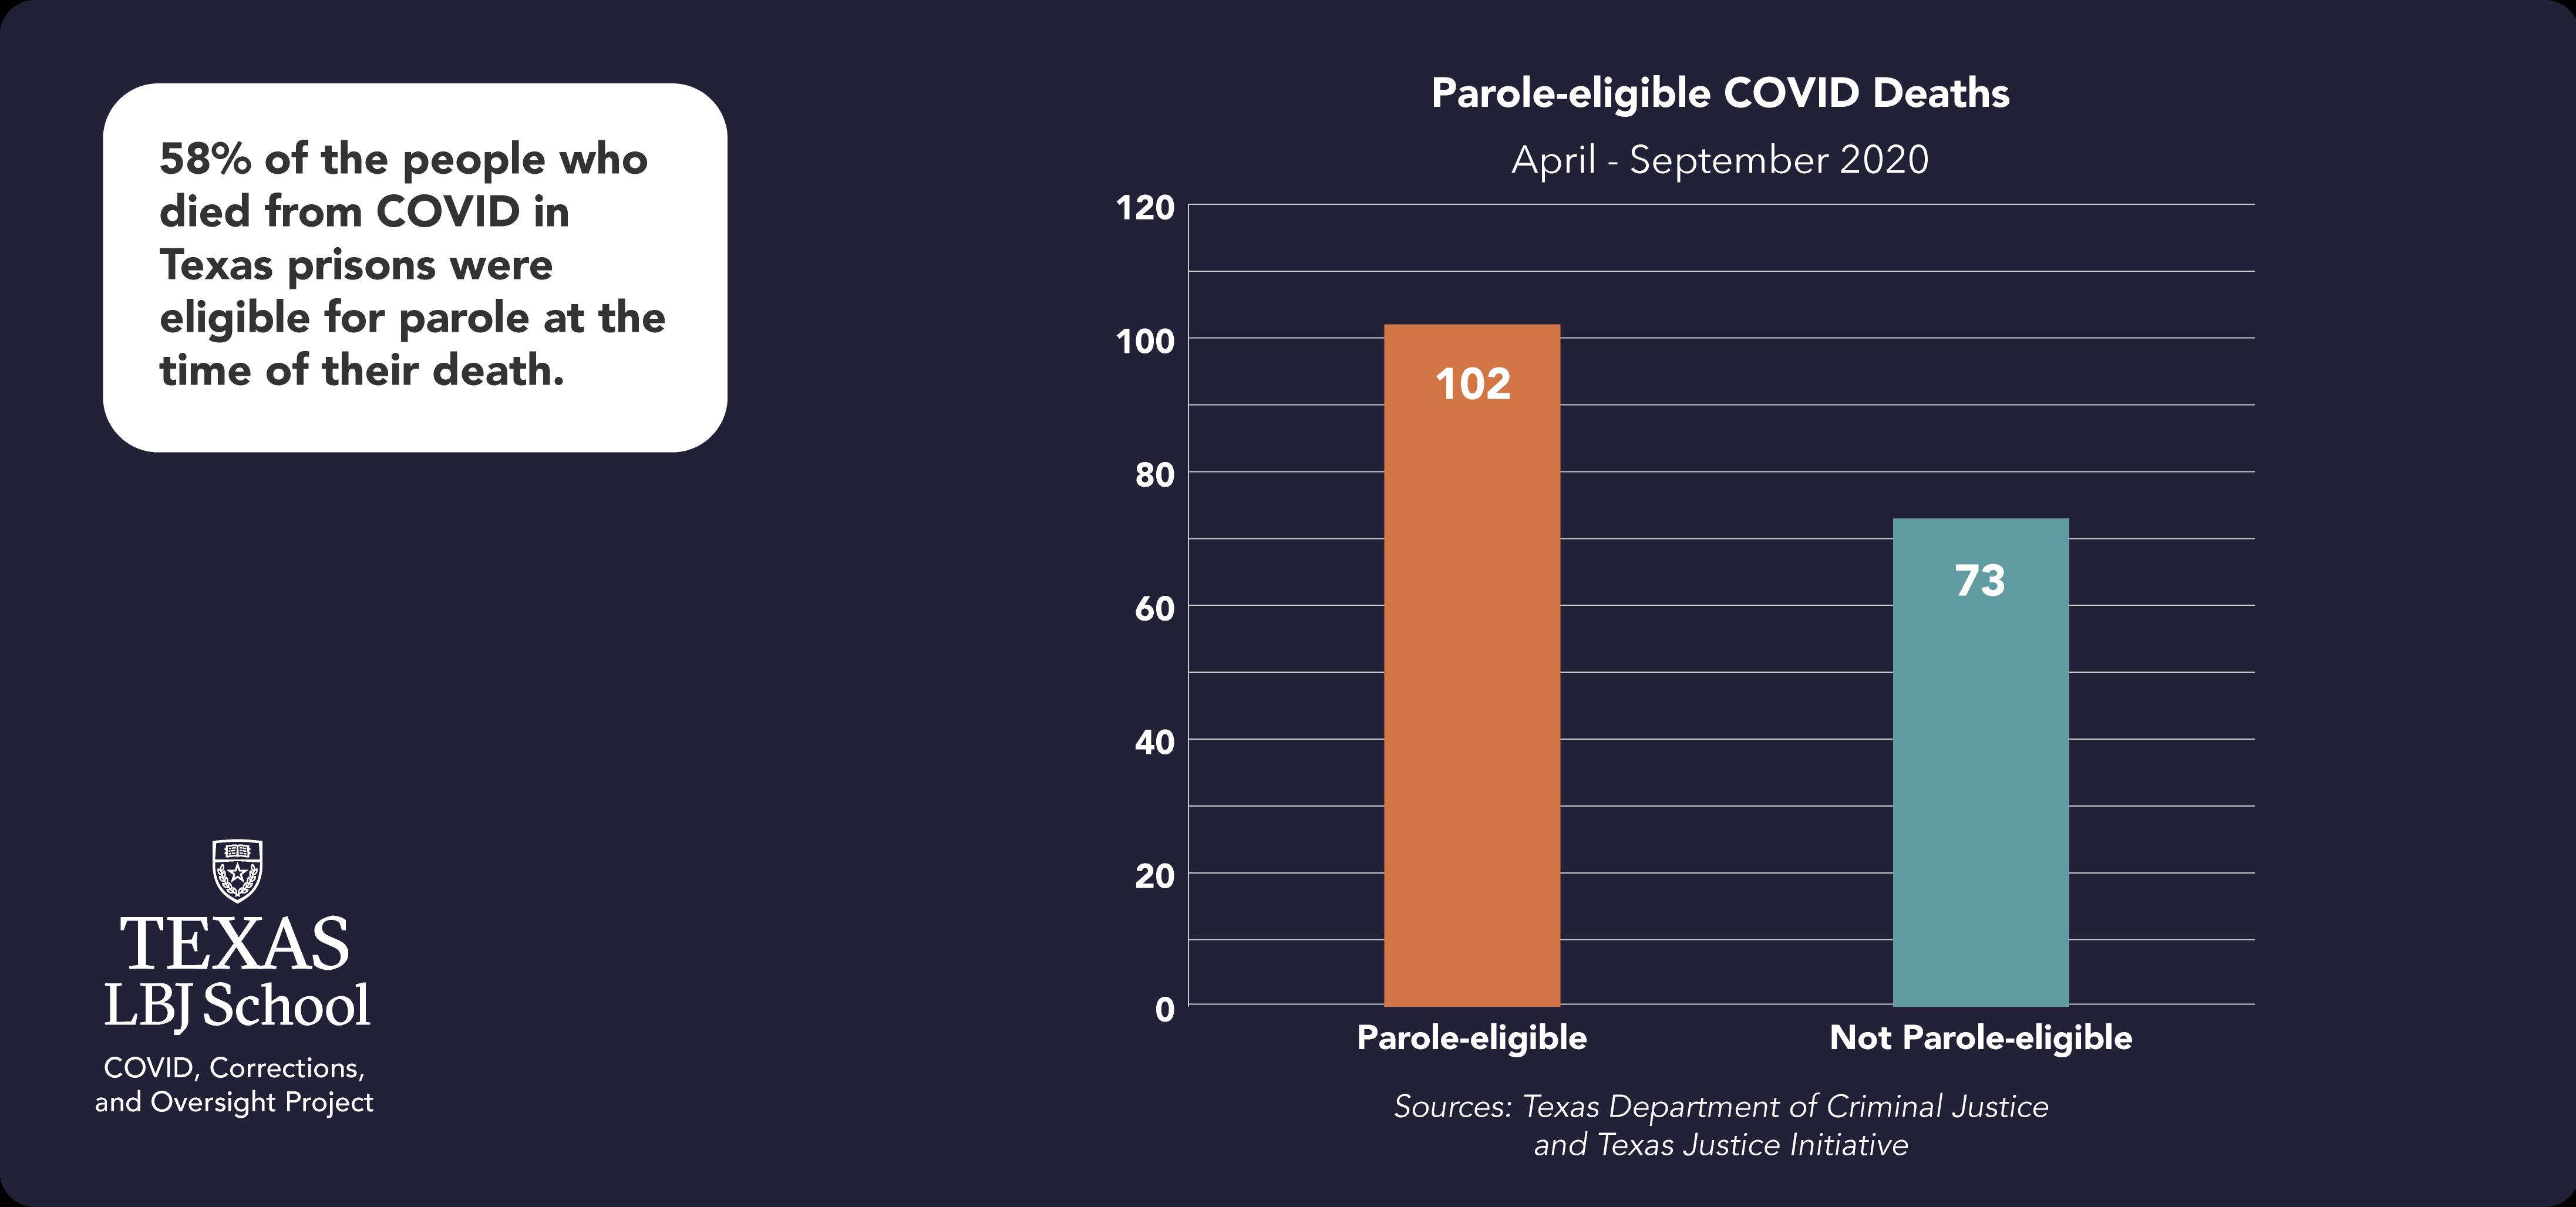 Deitch report: Parole-eligible COVID deaths